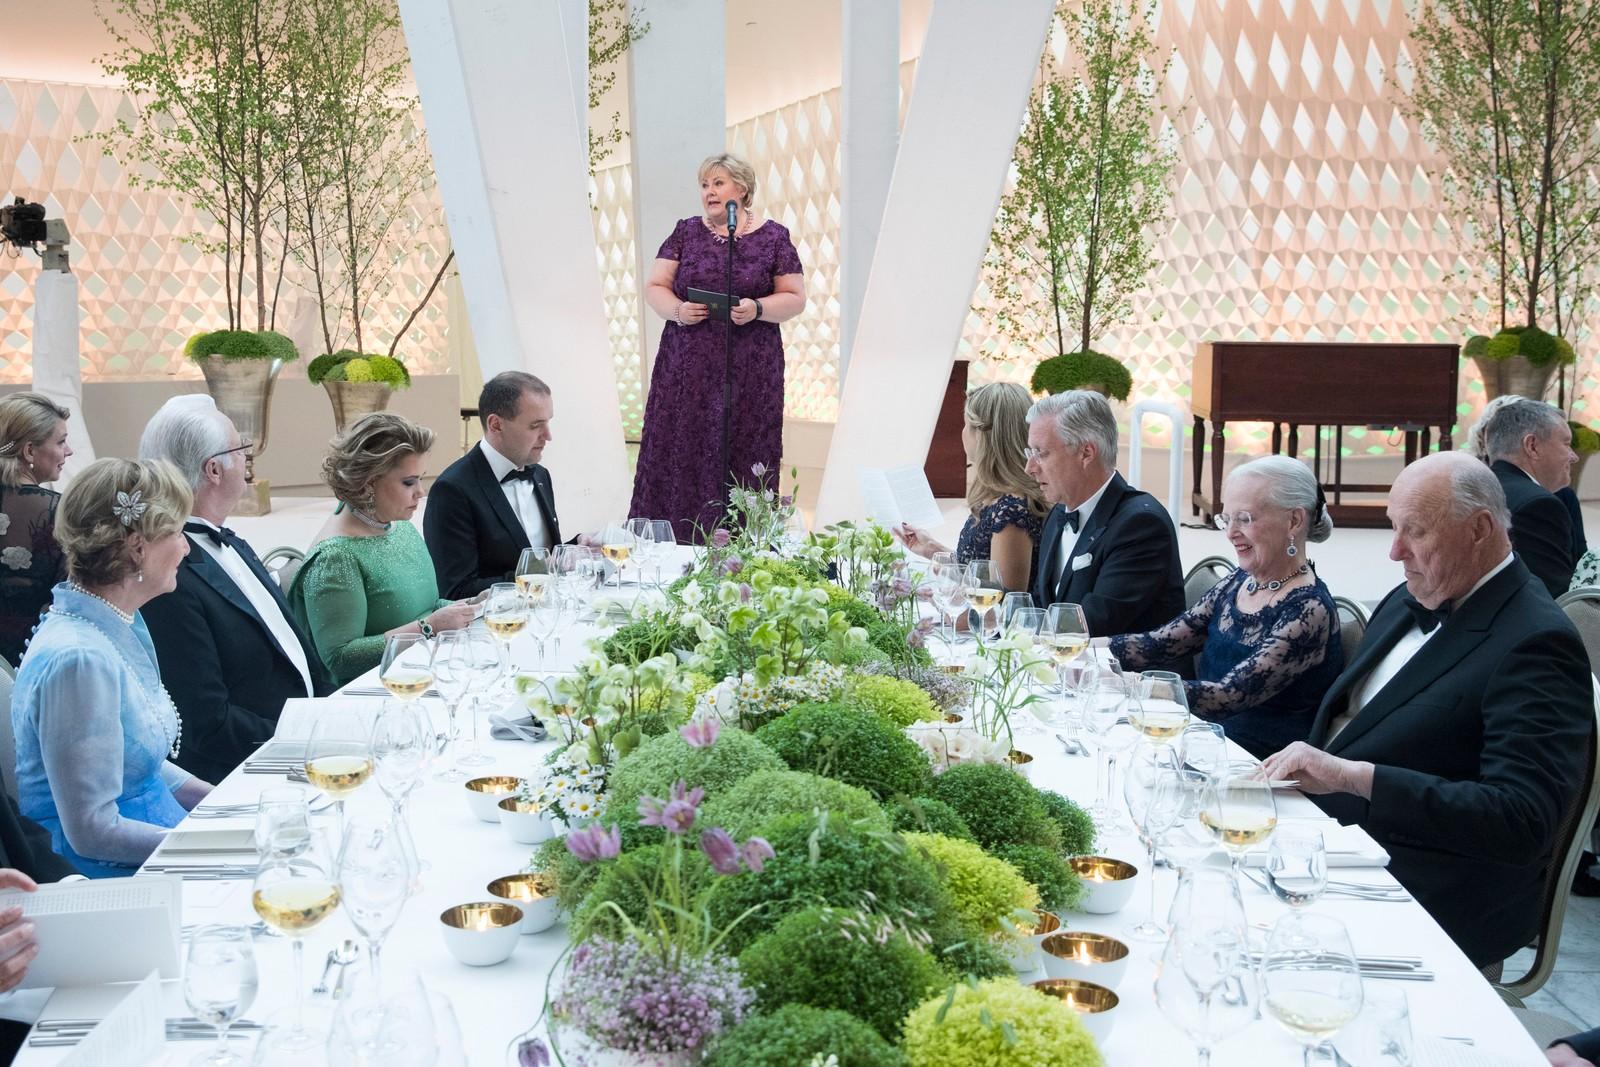 Statsminister Erna Solberg holder tale under regjeringens festmiddag for kongeparet i Operaen i anledning kongeparets 80-årsfeiring